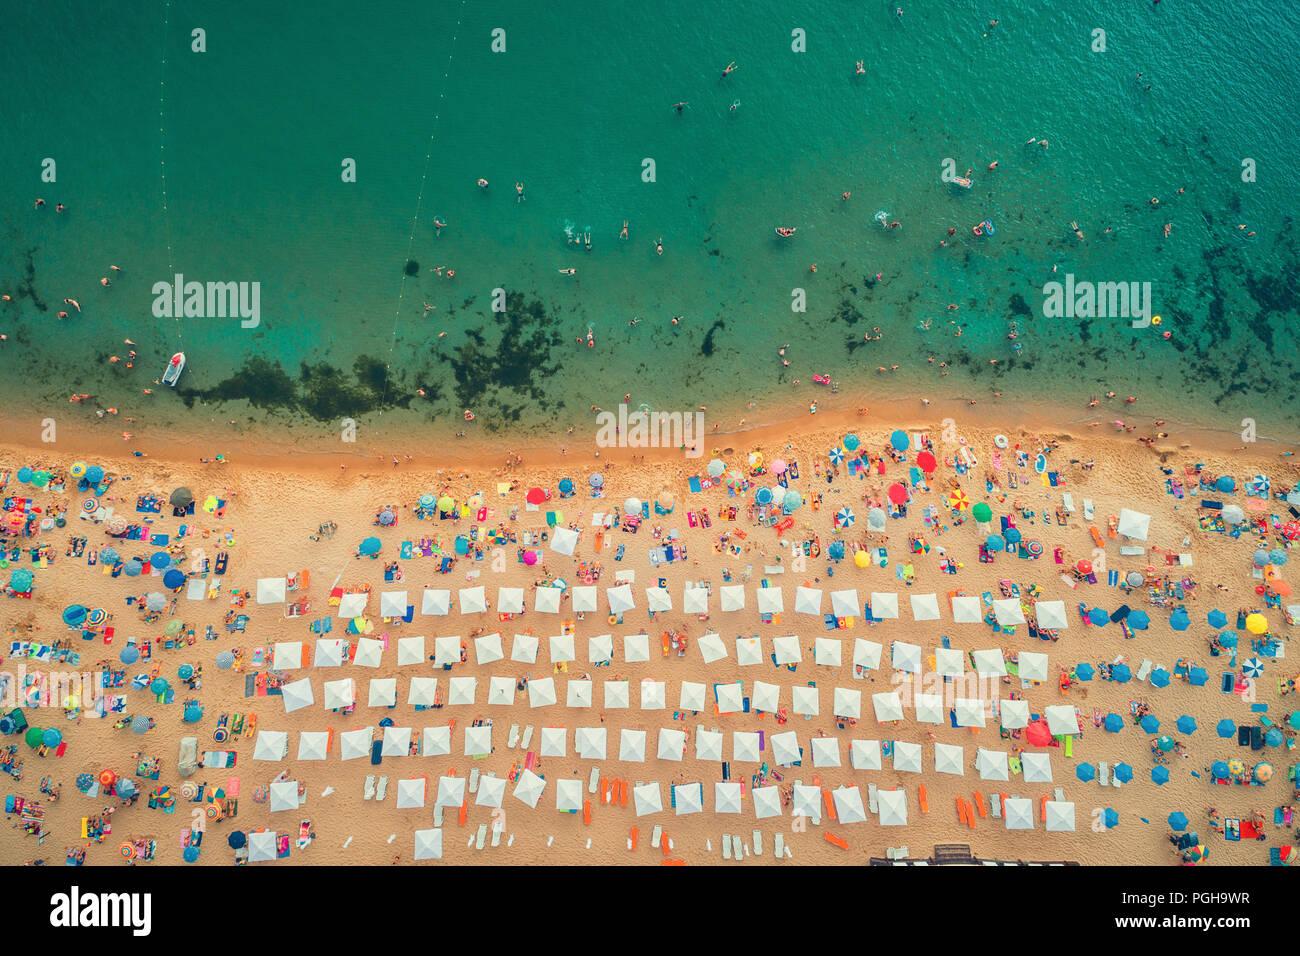 Vue de dessus de l'antenne sur la plage. Les gens, les parapluies, le sable et les vagues Photo Stock